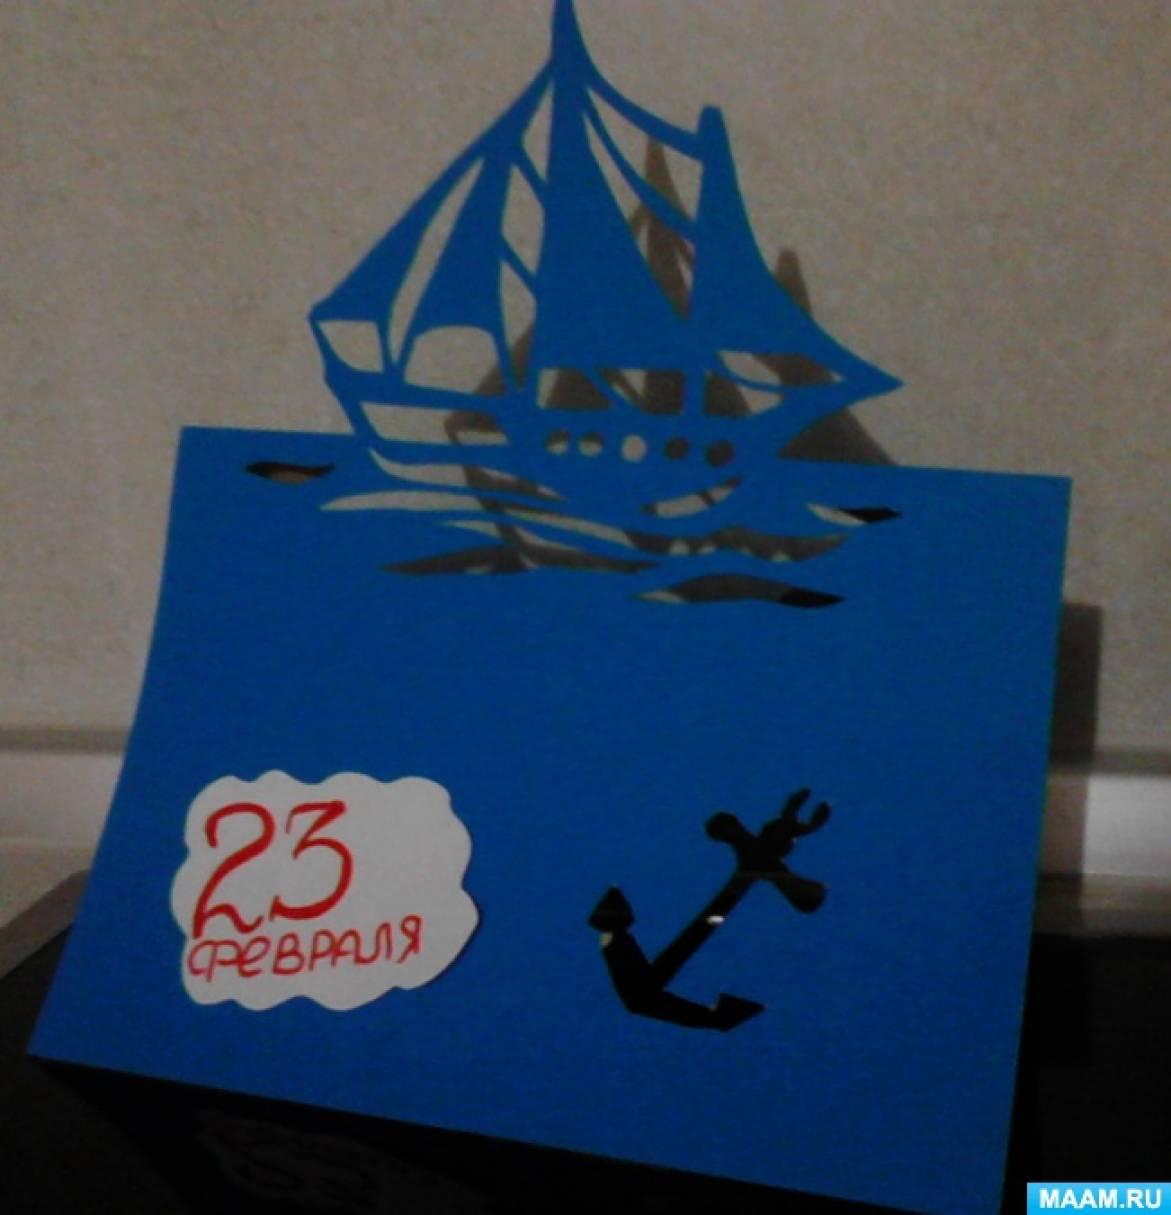 Объемная открытка 23 февраля корабль